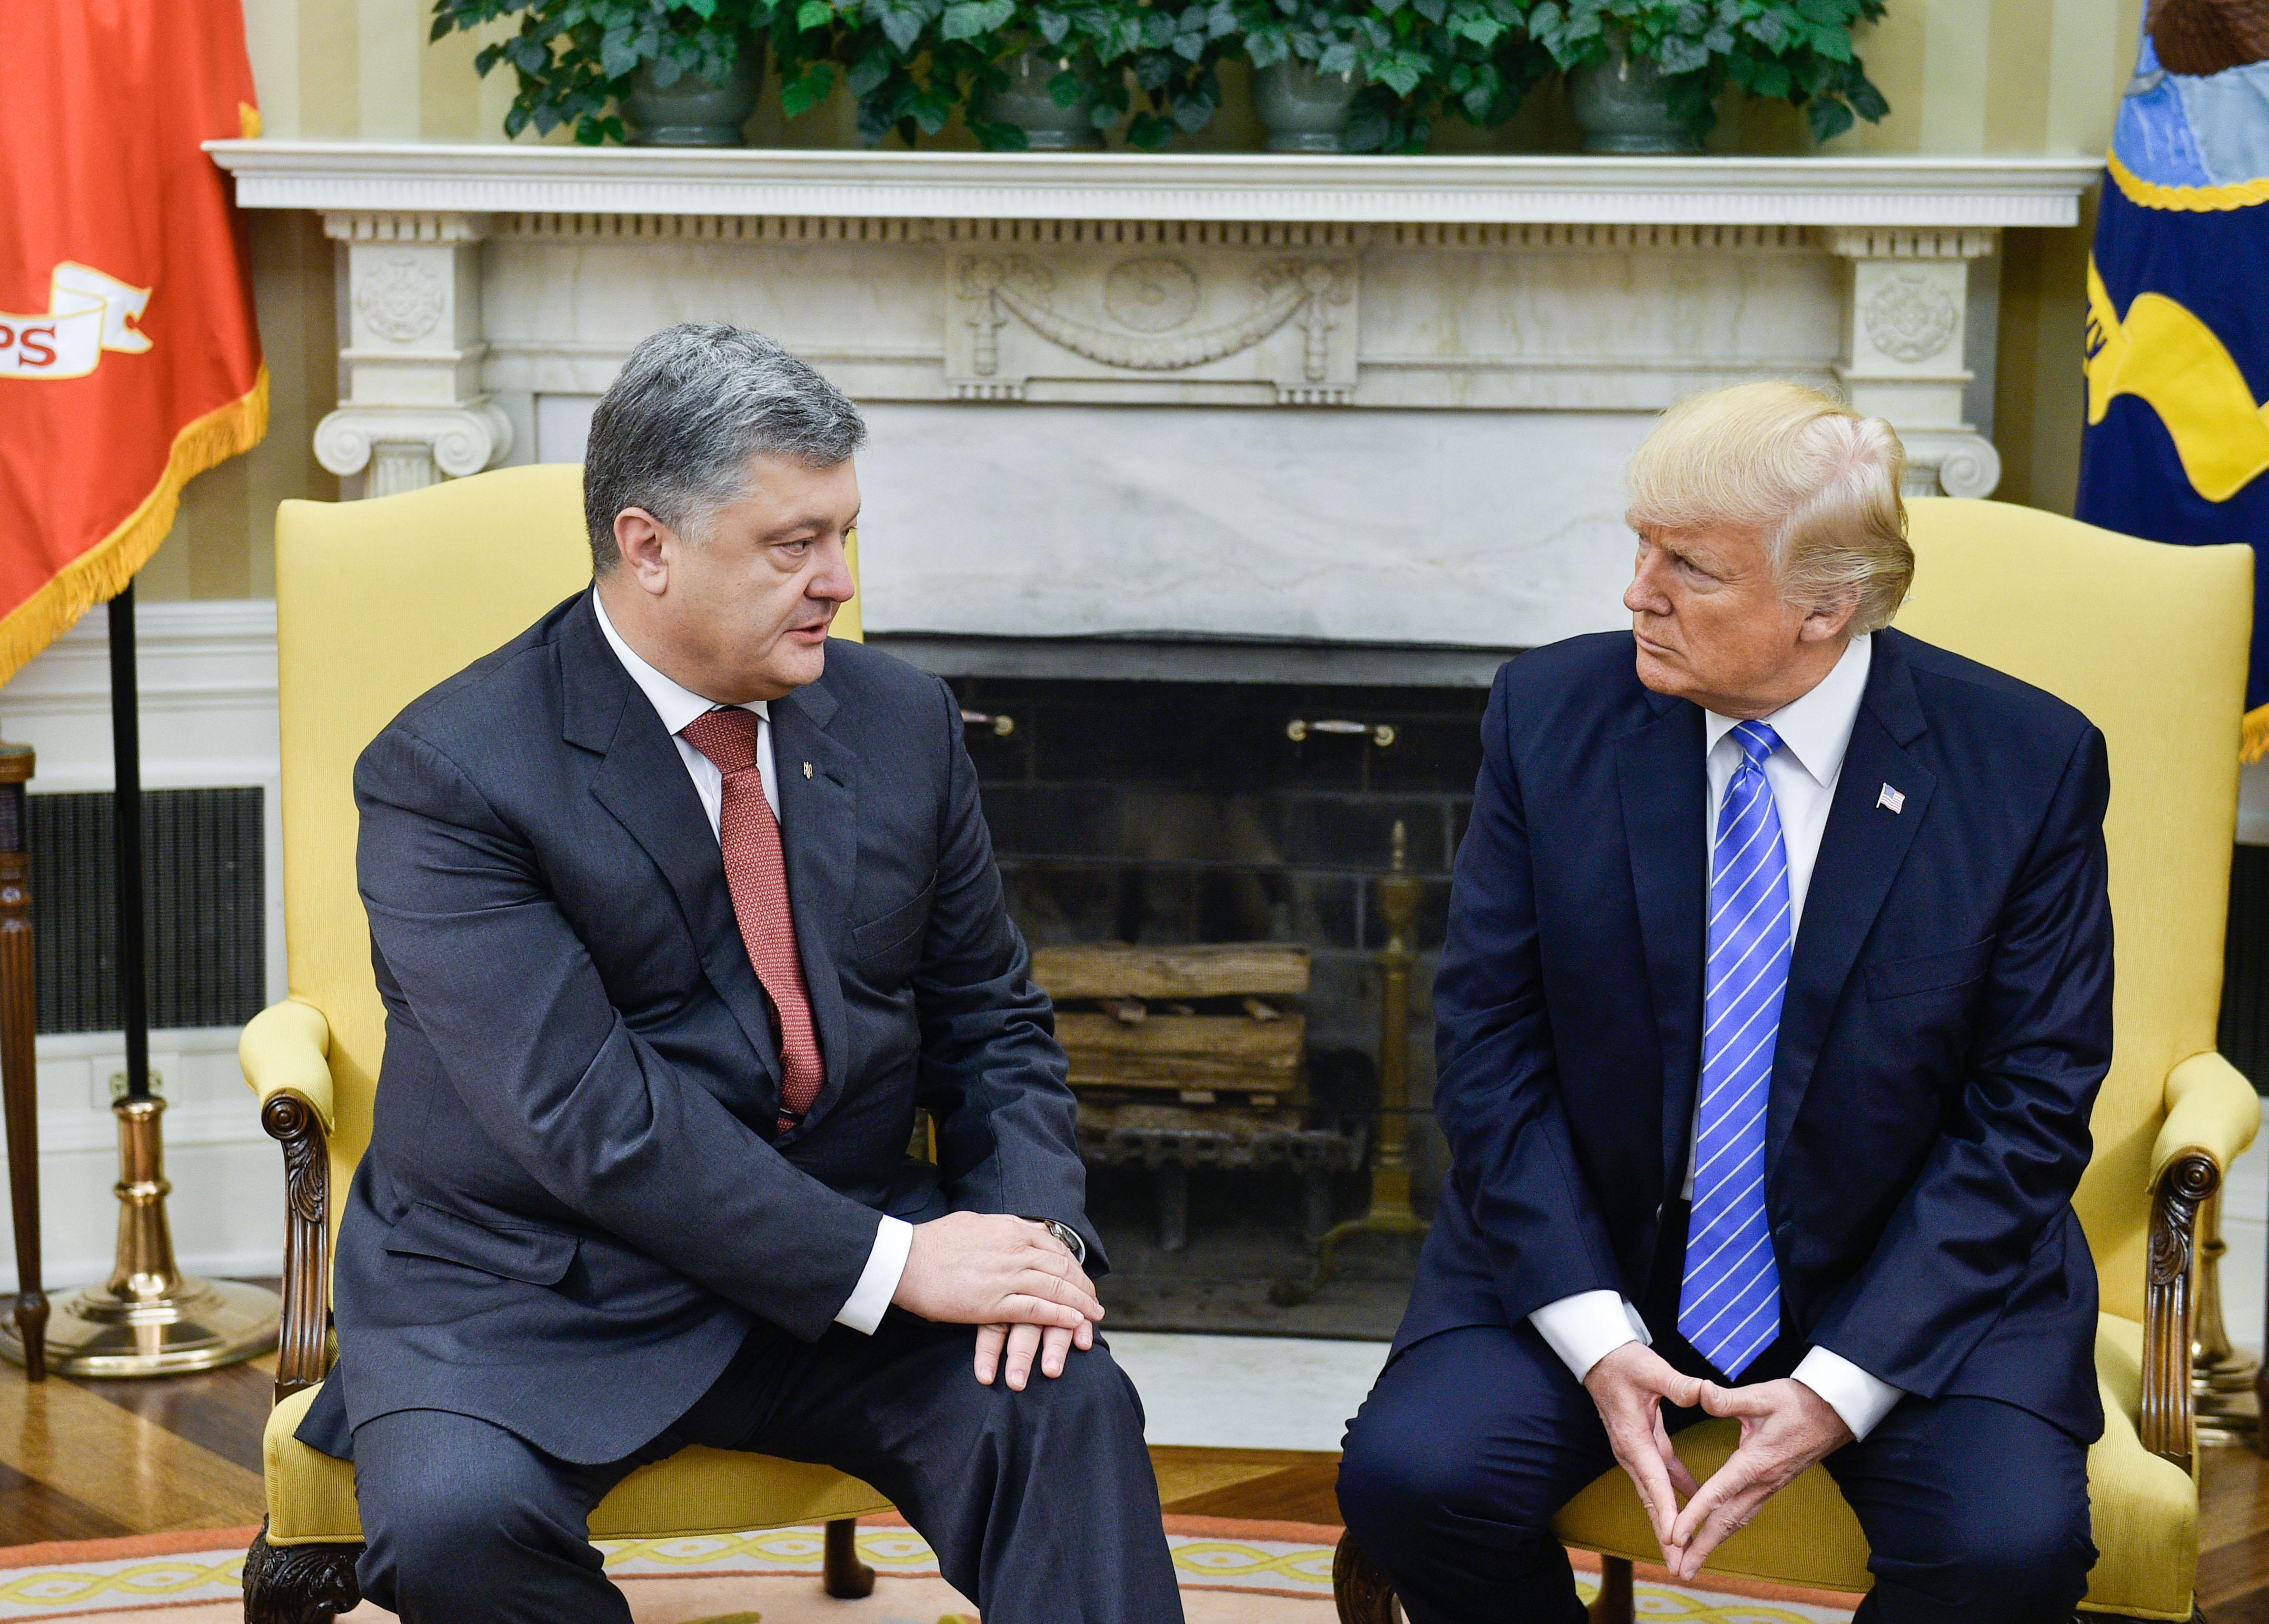 Петр Порошенко и Дональд Трамп / Источник: http://www.president.gov.ua